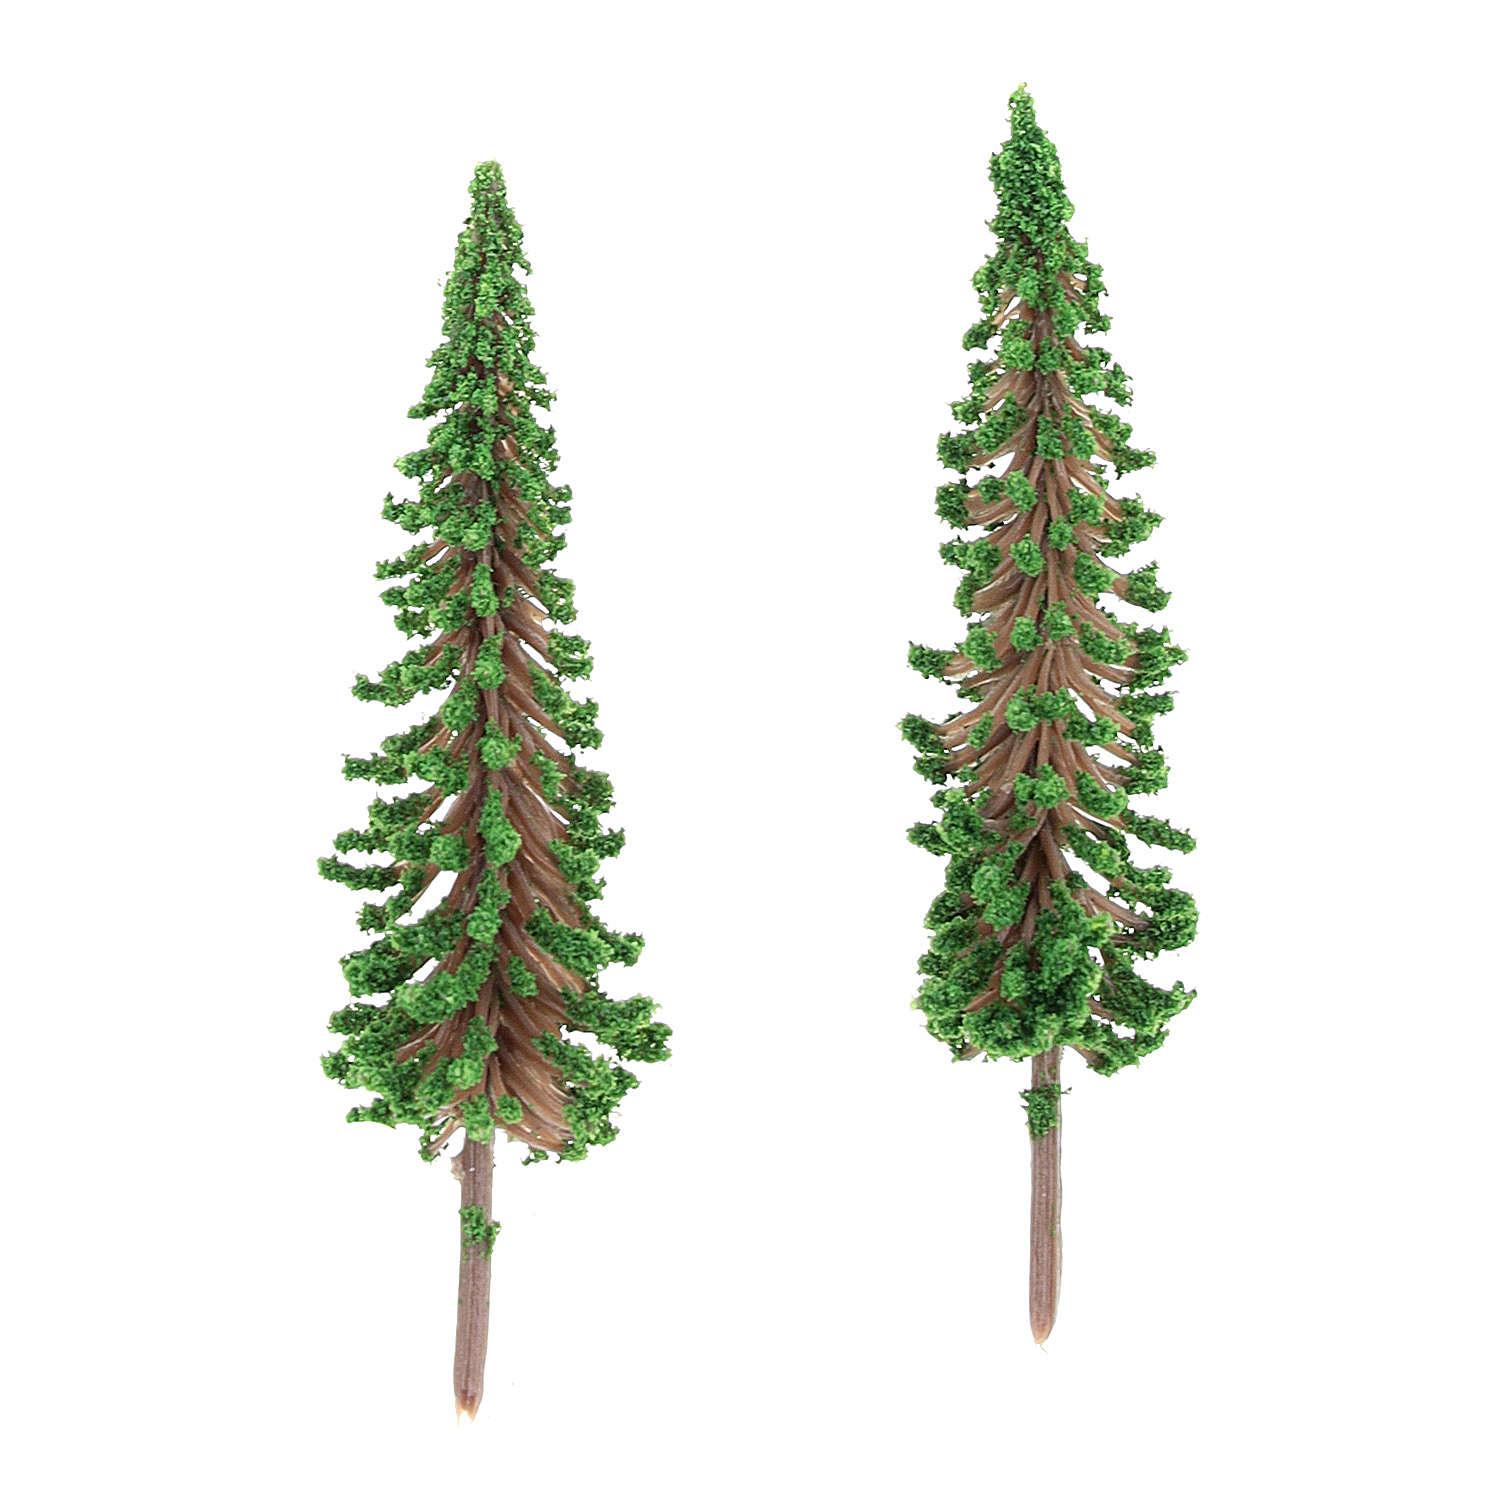 Alberi cipressi 2 pz per presepe fai da te h reale 6,5 cm  4